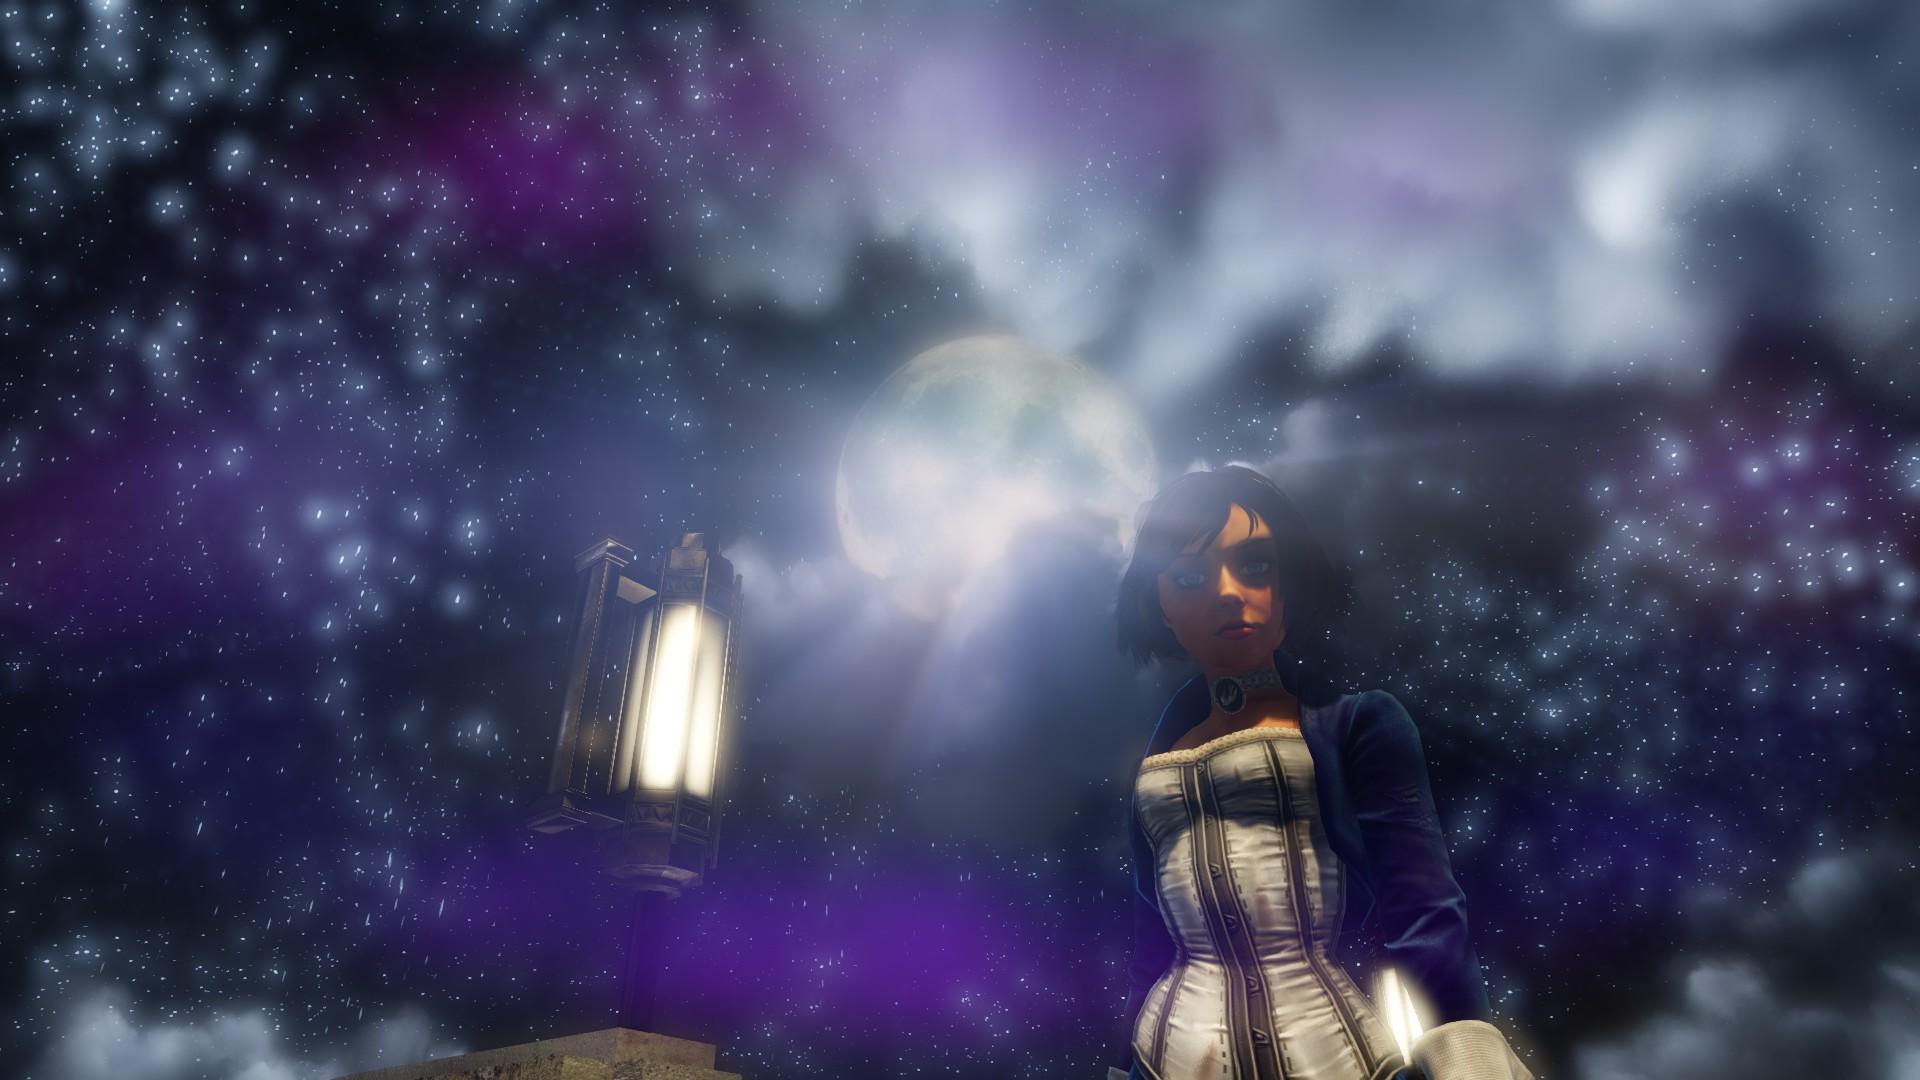 Elizabeth in the Moonlight by michaelajunker